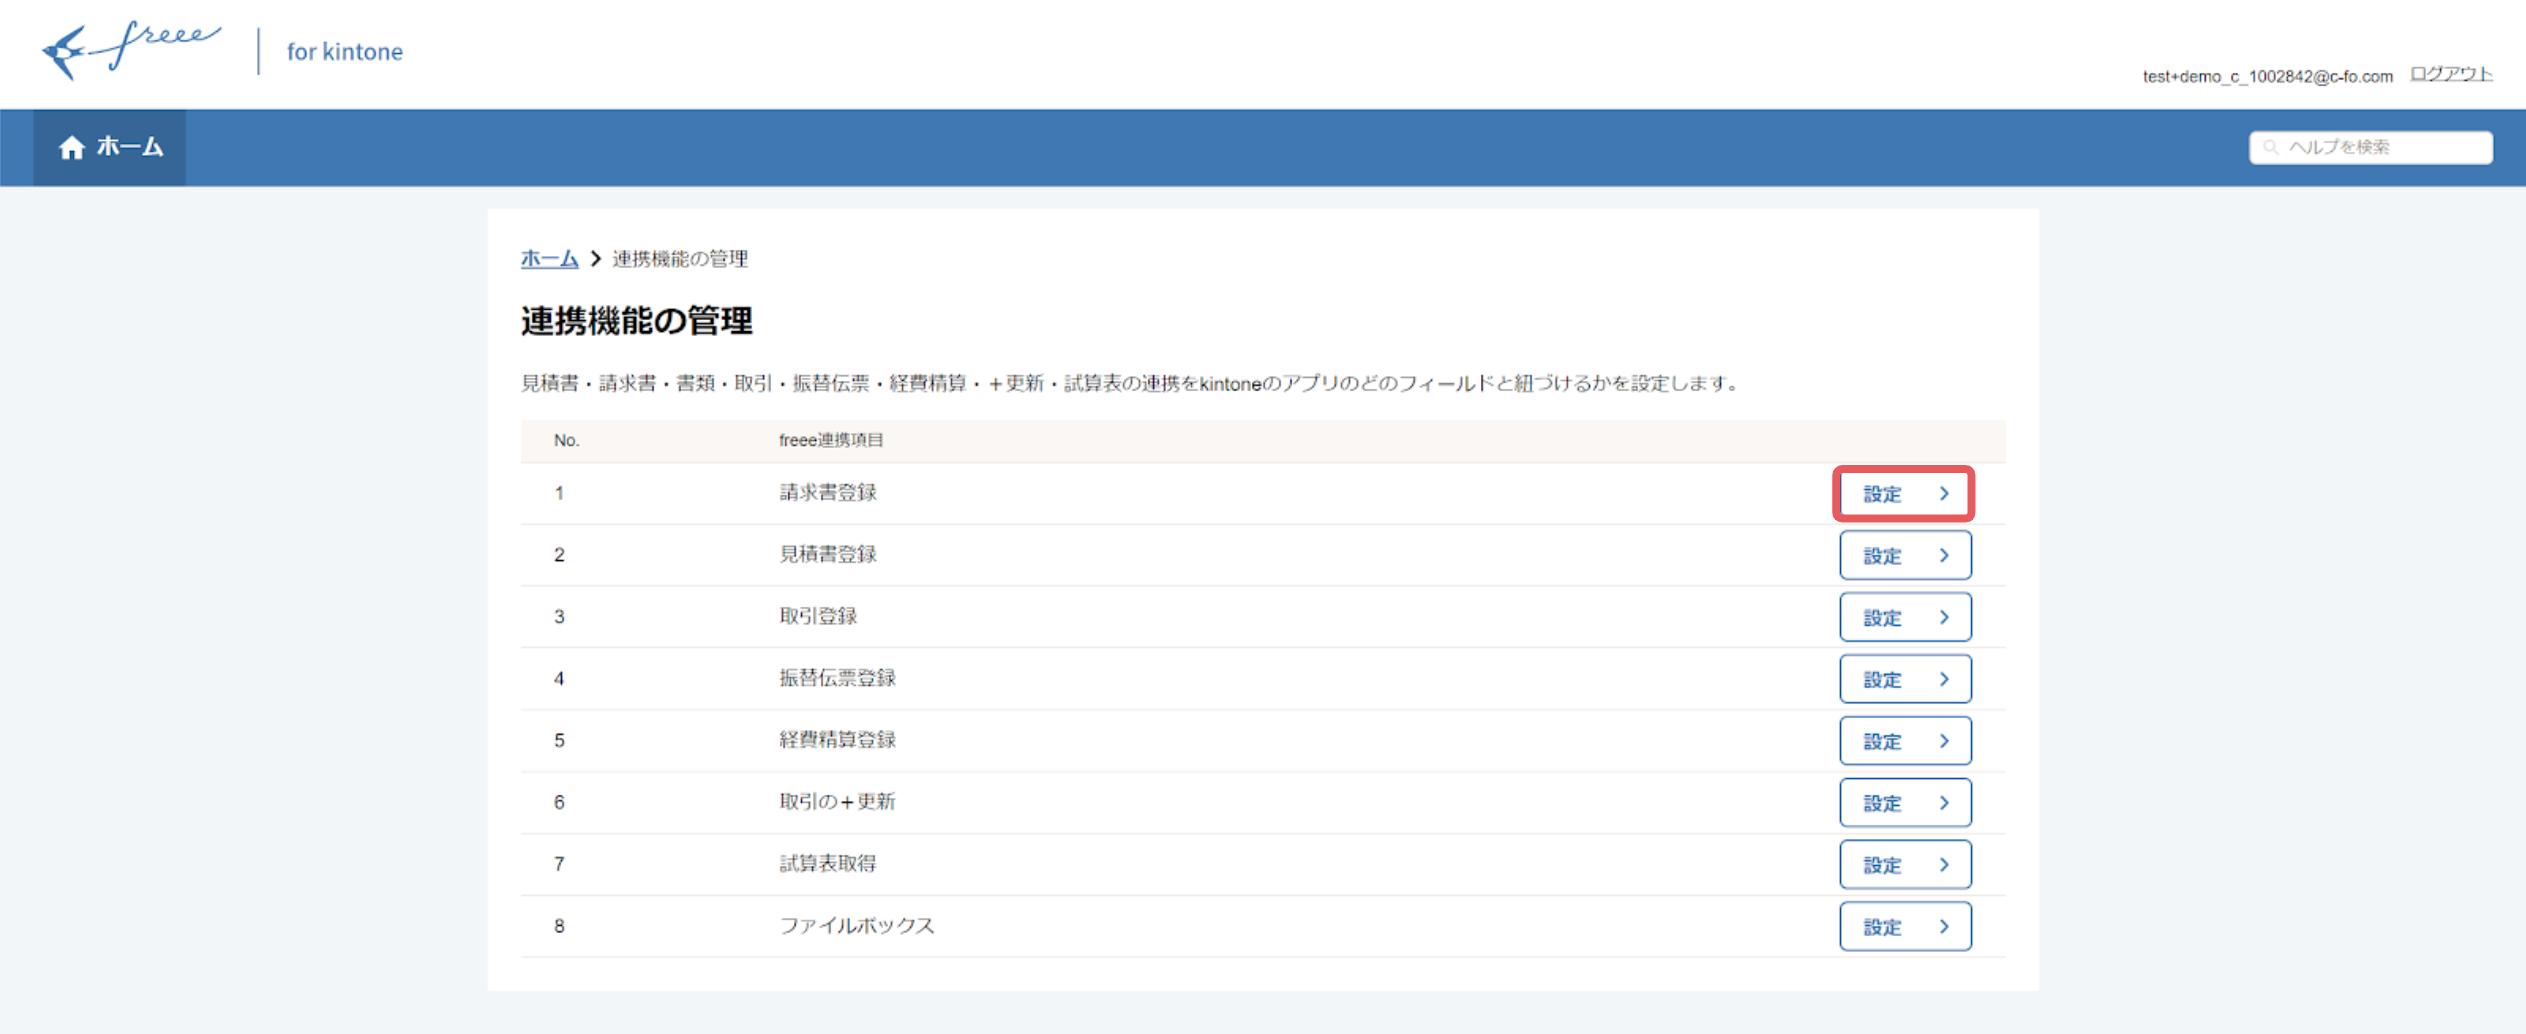 Screen_Shot_2020-07-10_at_13.09.46.png